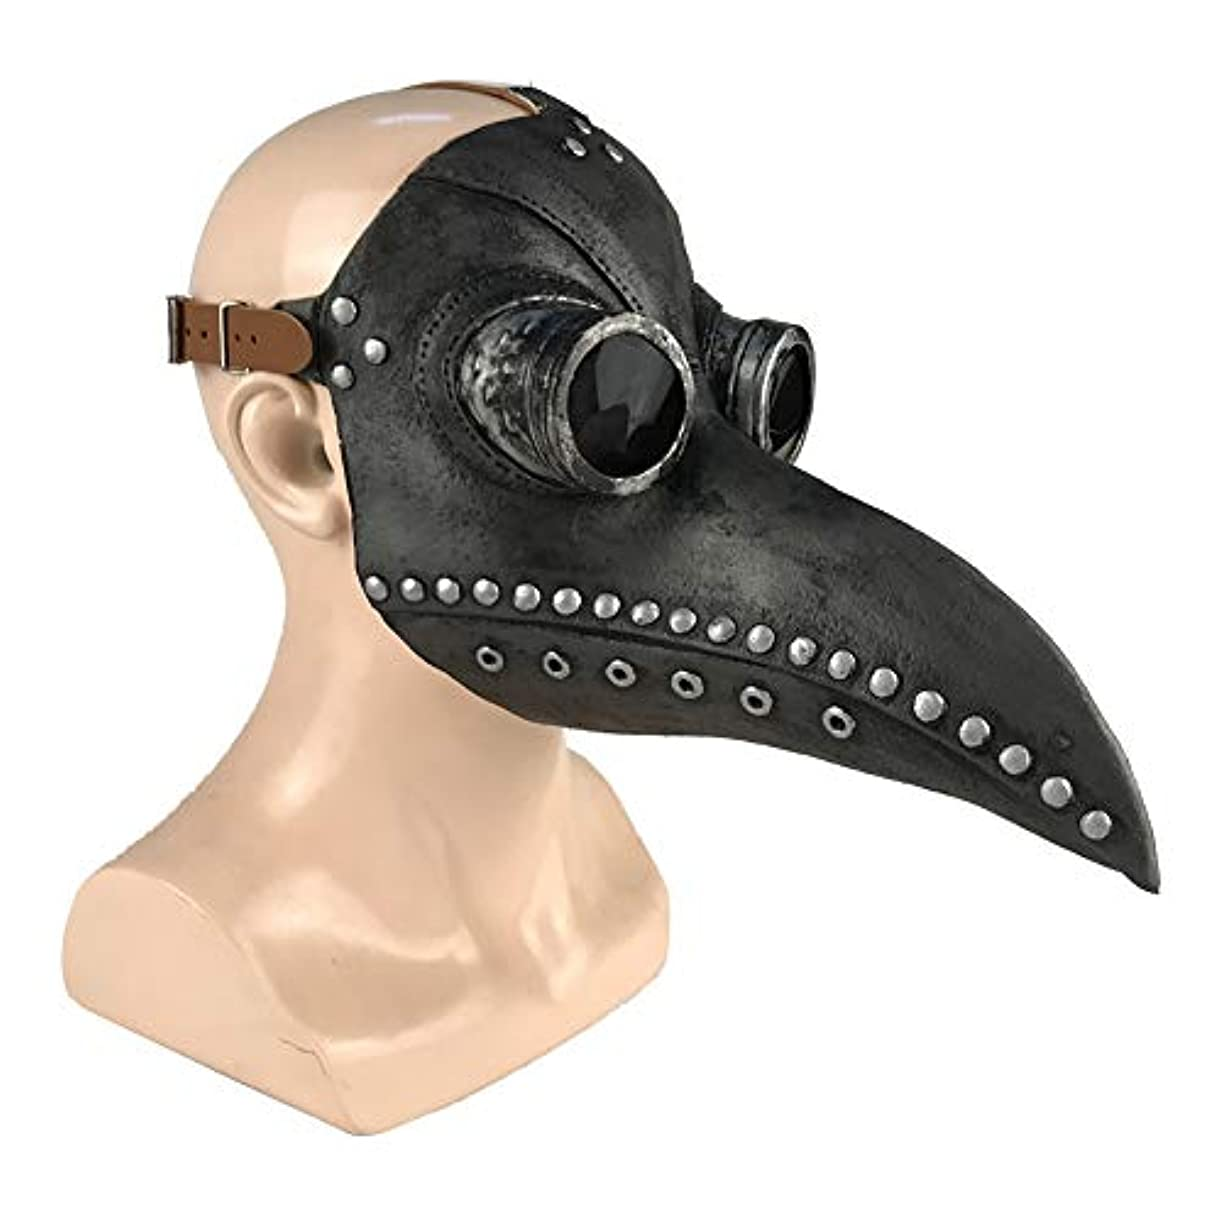 酸素説明的マントEsolom ハロウィンマスク ペストスチーム喙ドクターマスク ホリデーパーティー用品 黒 銅の爪 ホラーマスク ハロウィンデコレーション 通気性